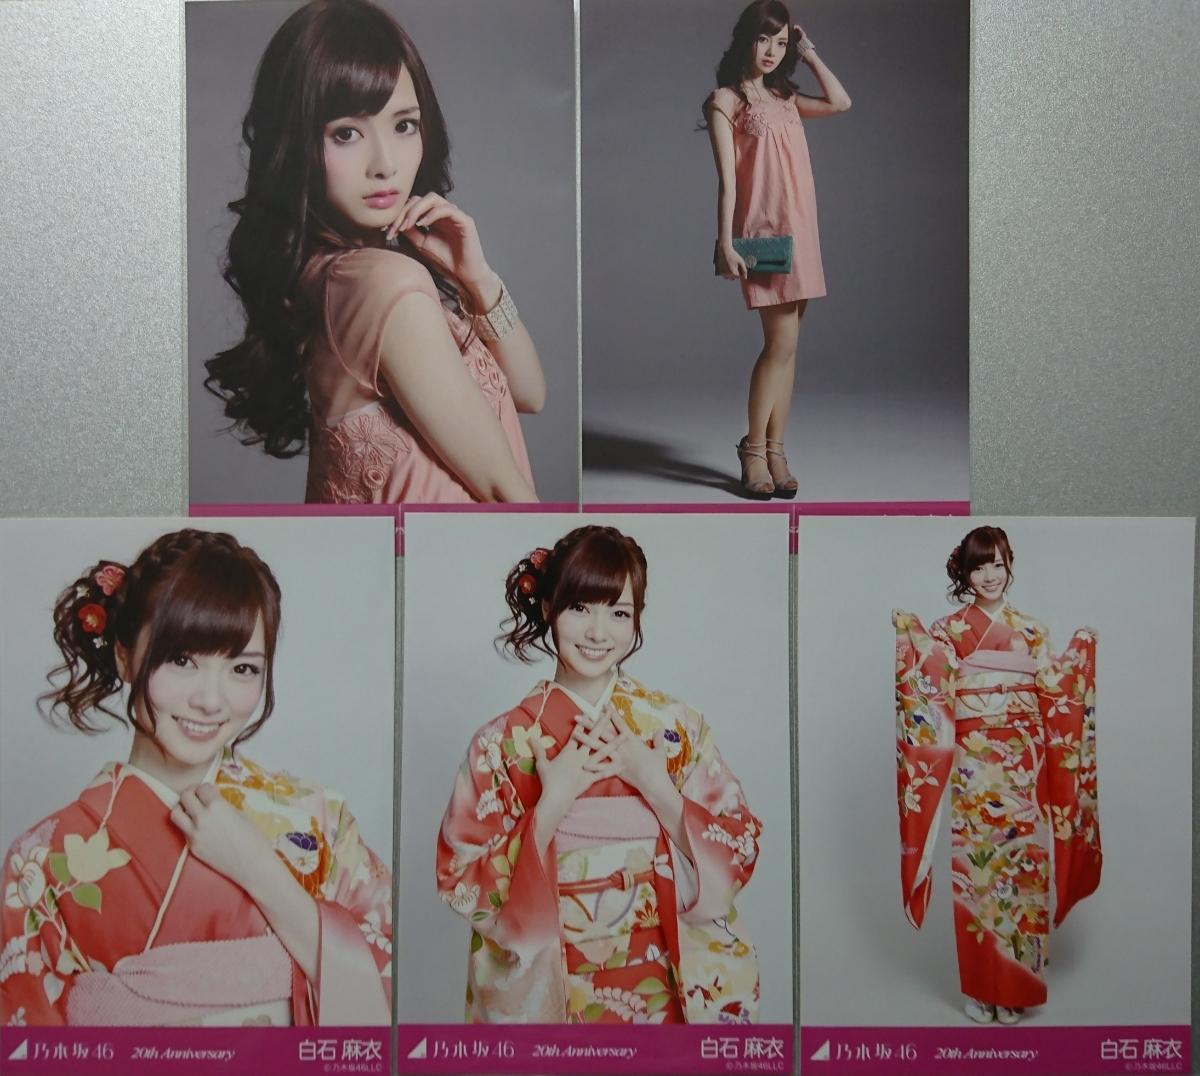 白石麻衣『20th Anniversary』成人式 乃木坂46 生写真5枚セット